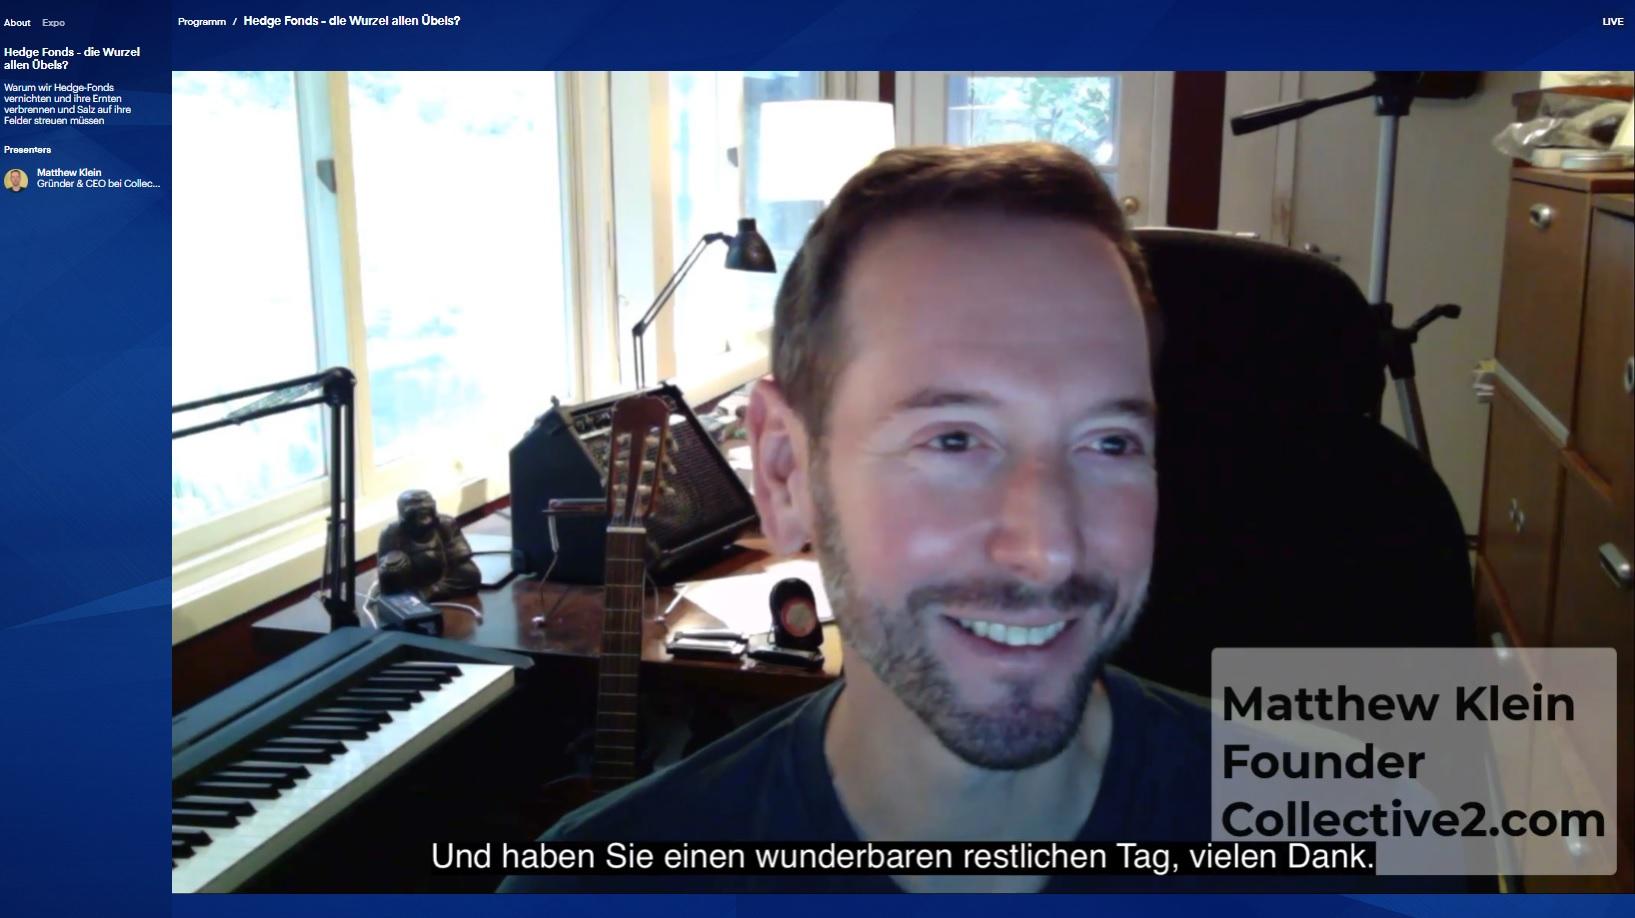 Matthew Klein - WoT online 13.11.2020